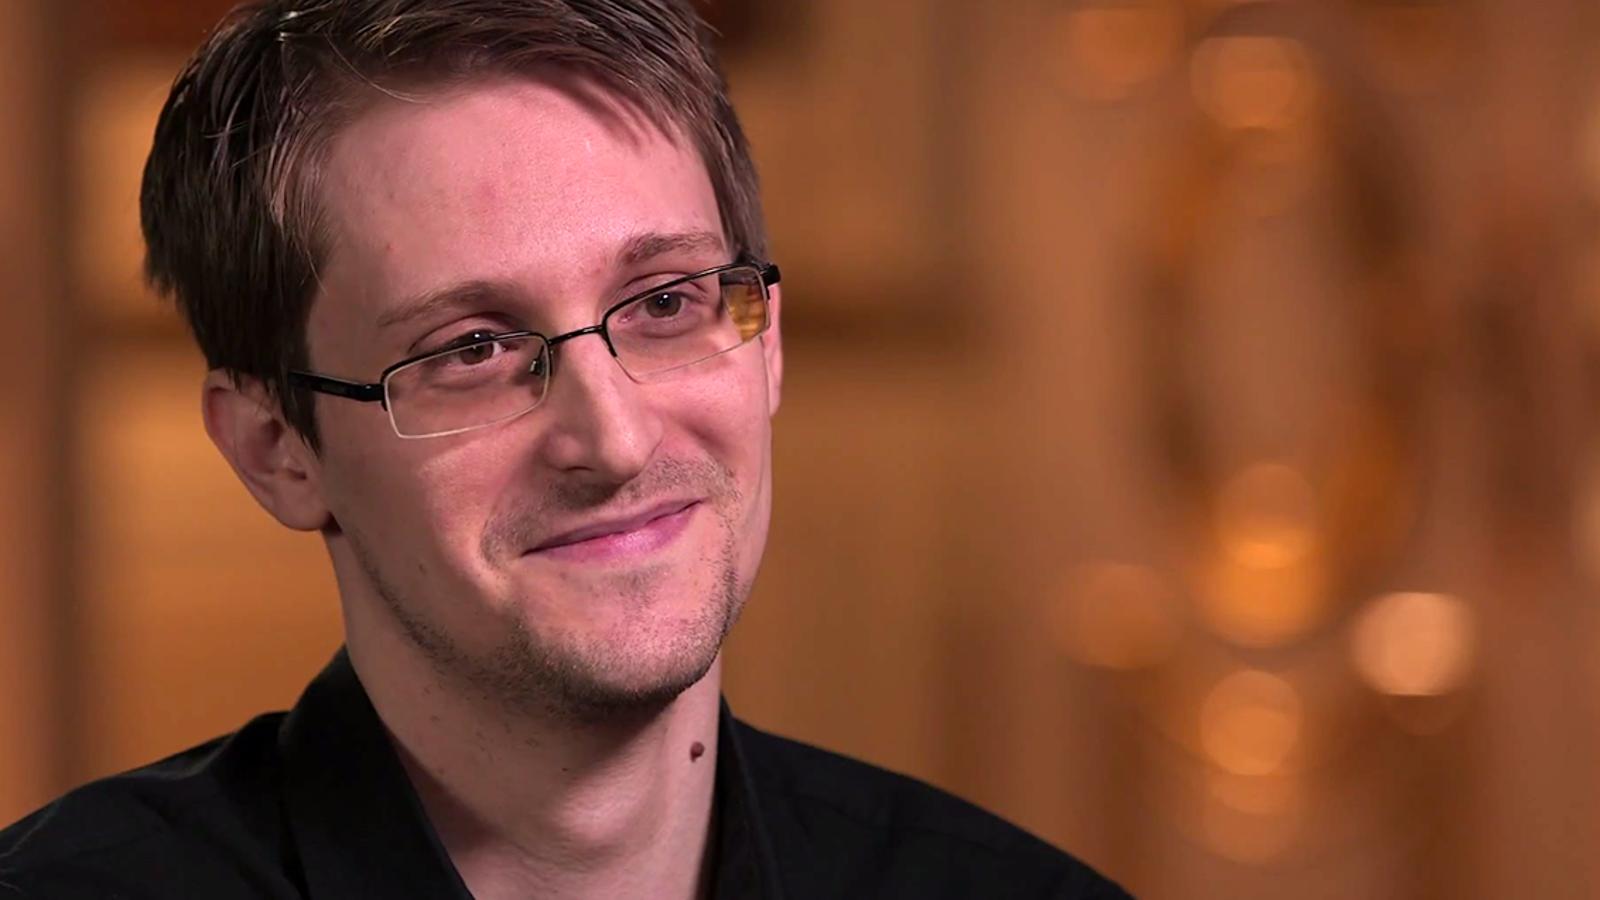 Edward Snowden explica cómo debe ser la contraseña perfecta